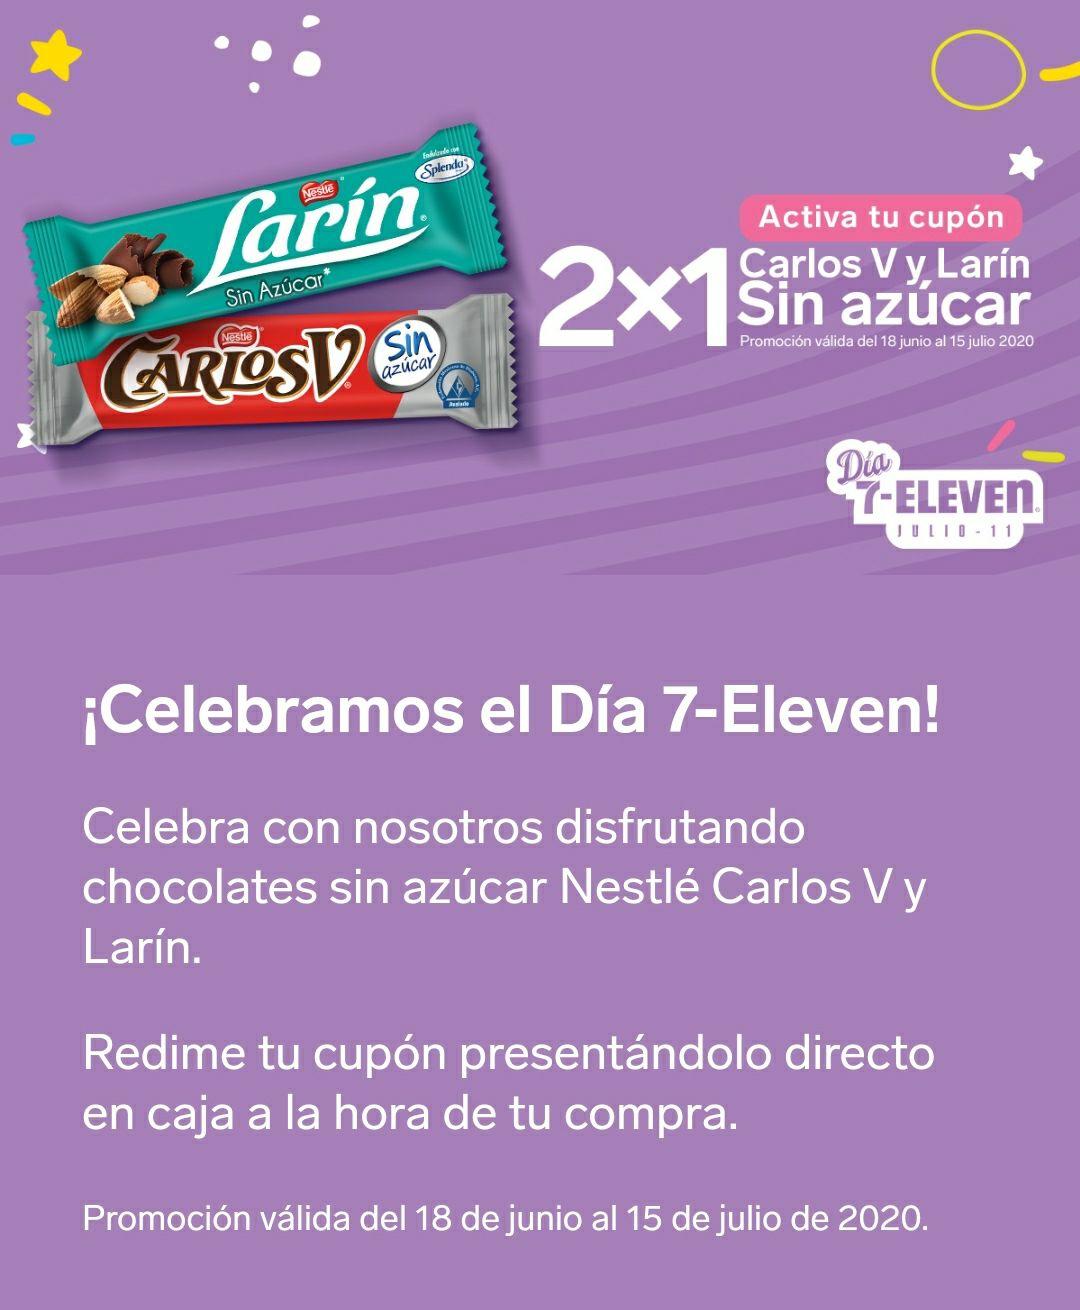 7 Eleven - 2x1en la compra de Chocolate Larín y Carlos V.